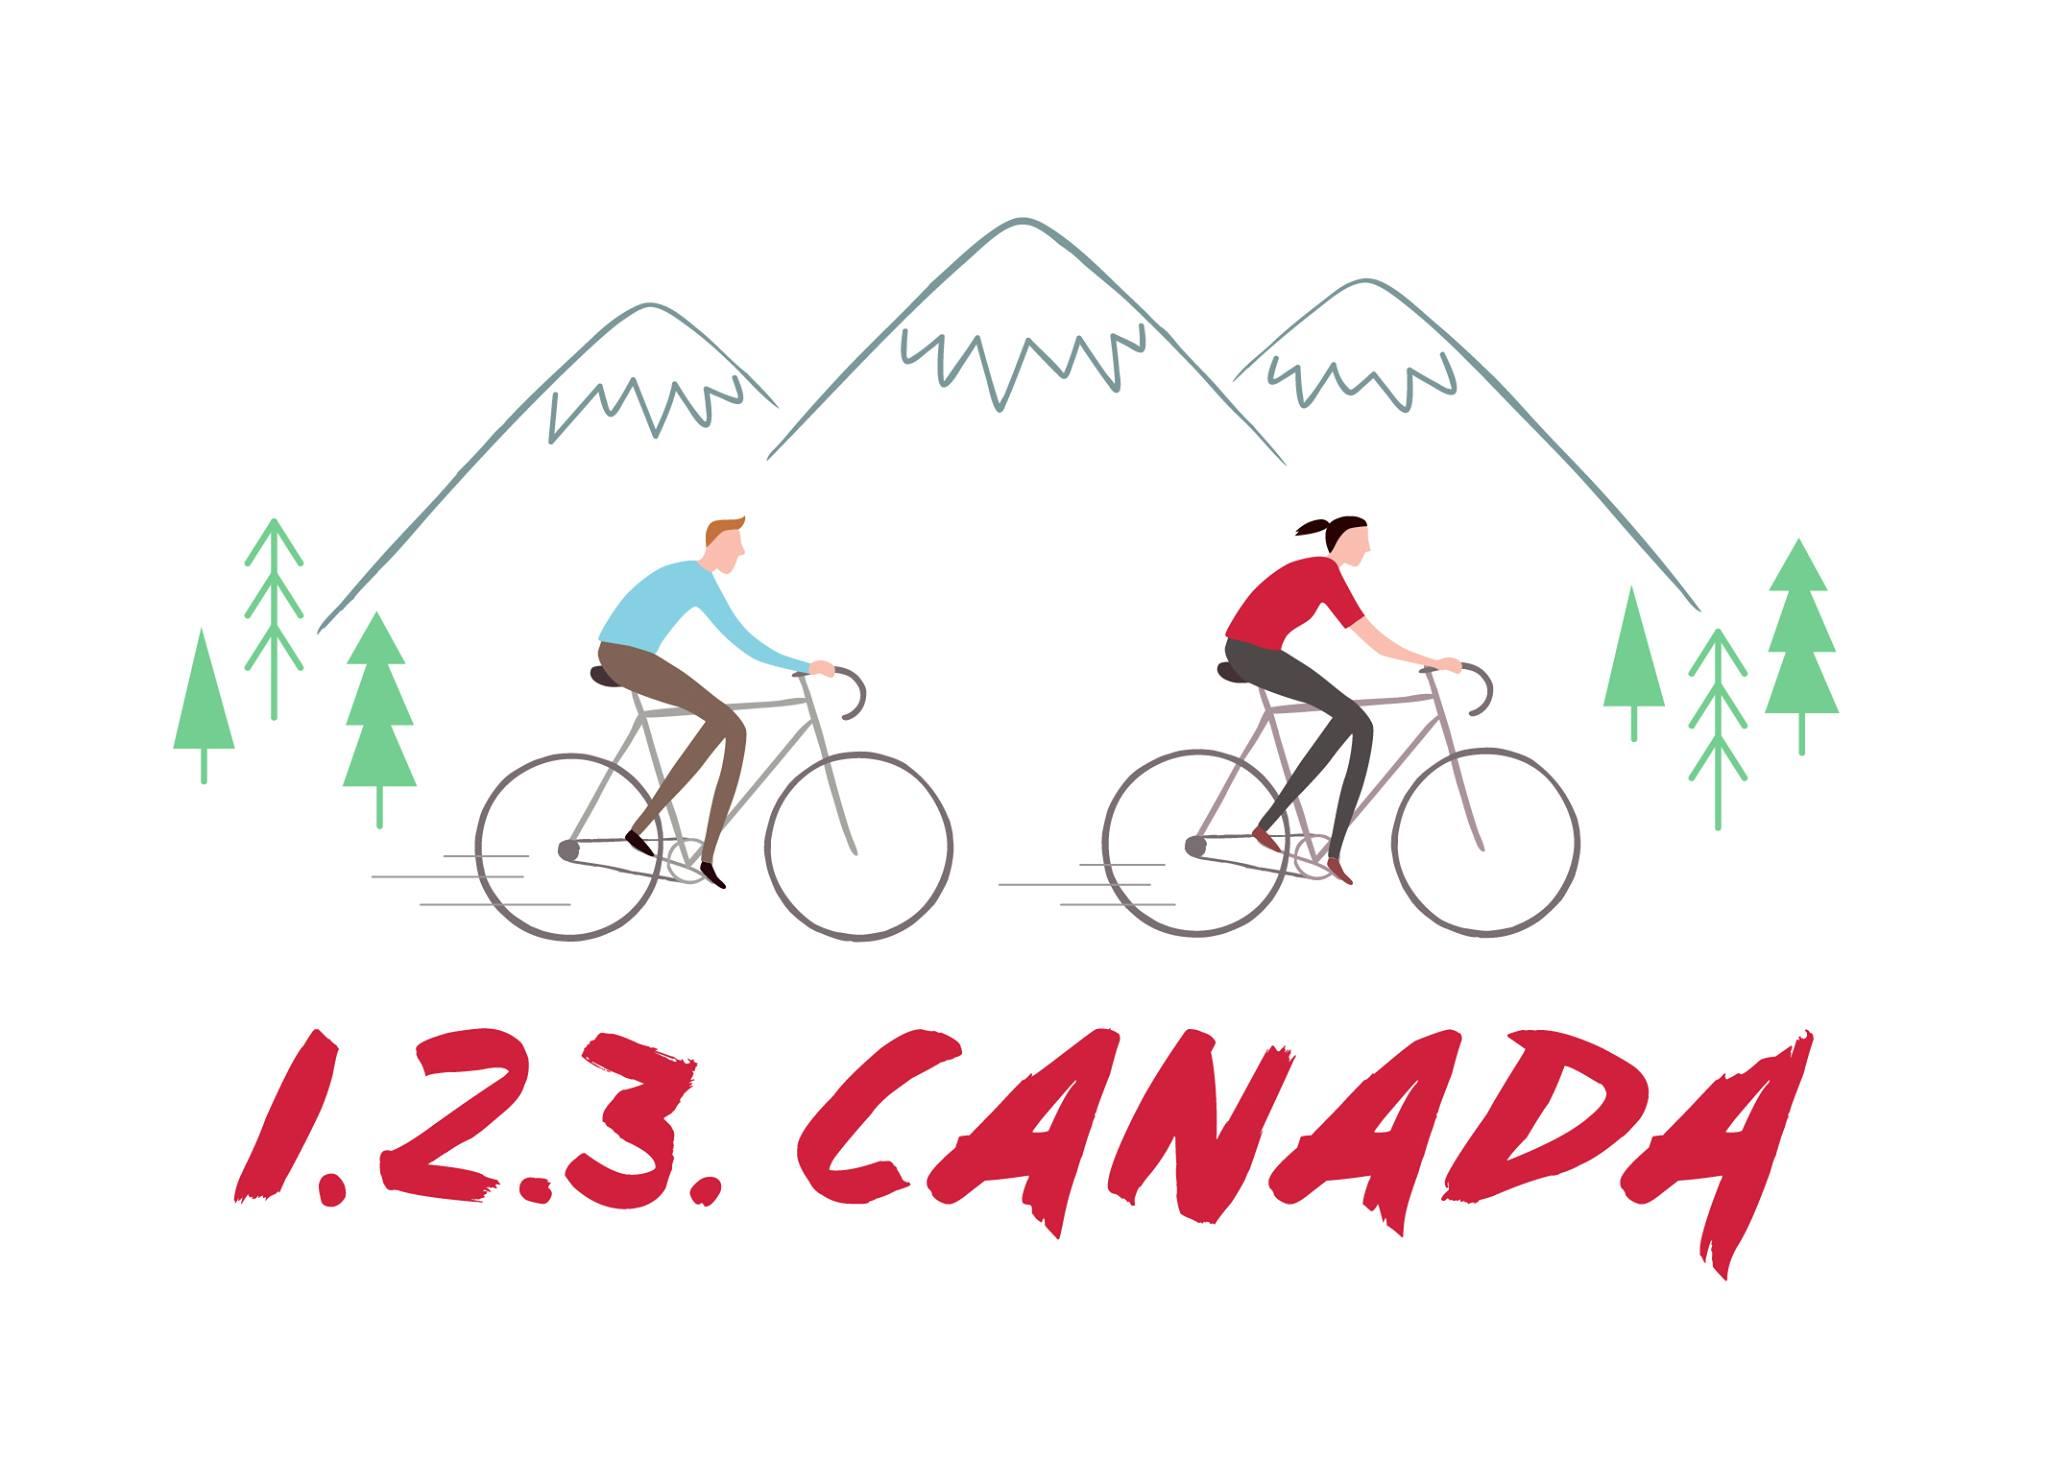 Logo 1, 2, 3 Canada